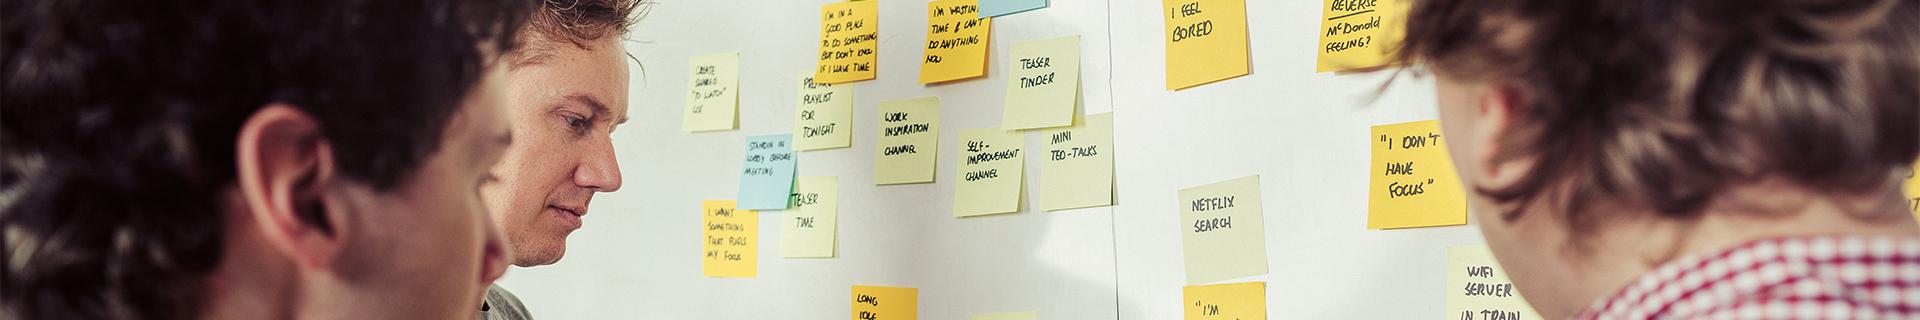 Let's talk design